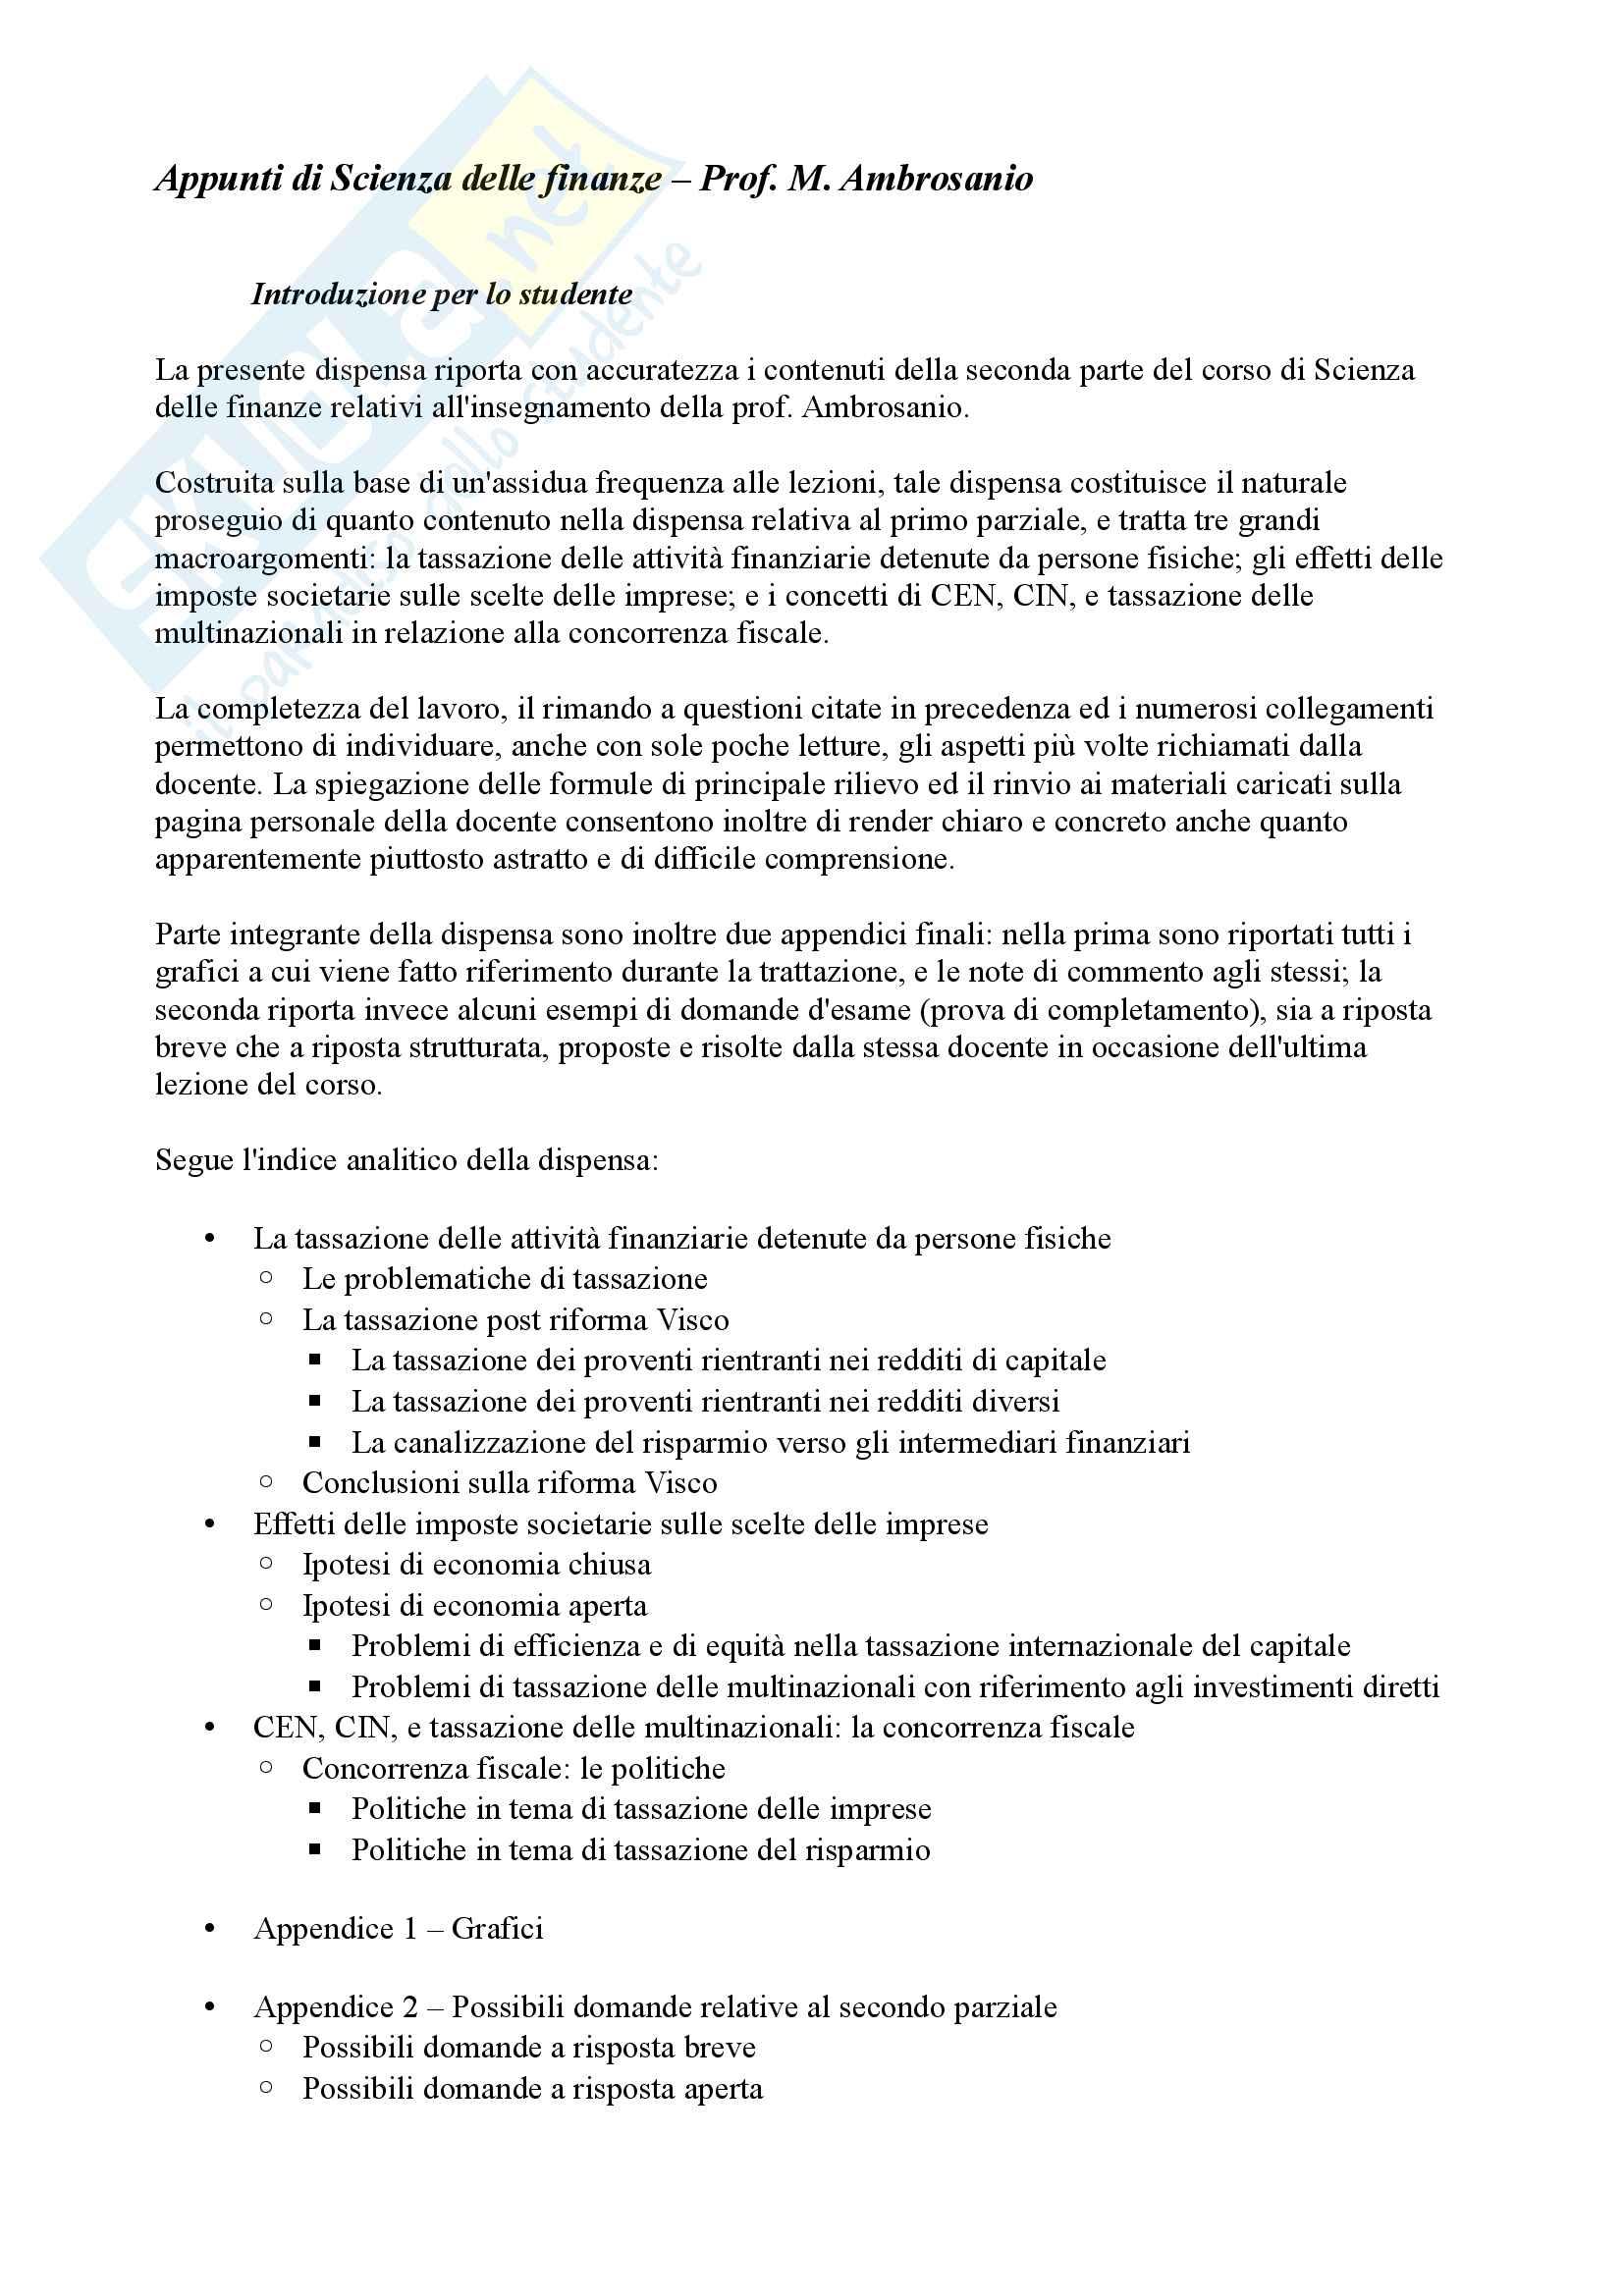 Appunti di Scienza delle finanze, Secondo parziale